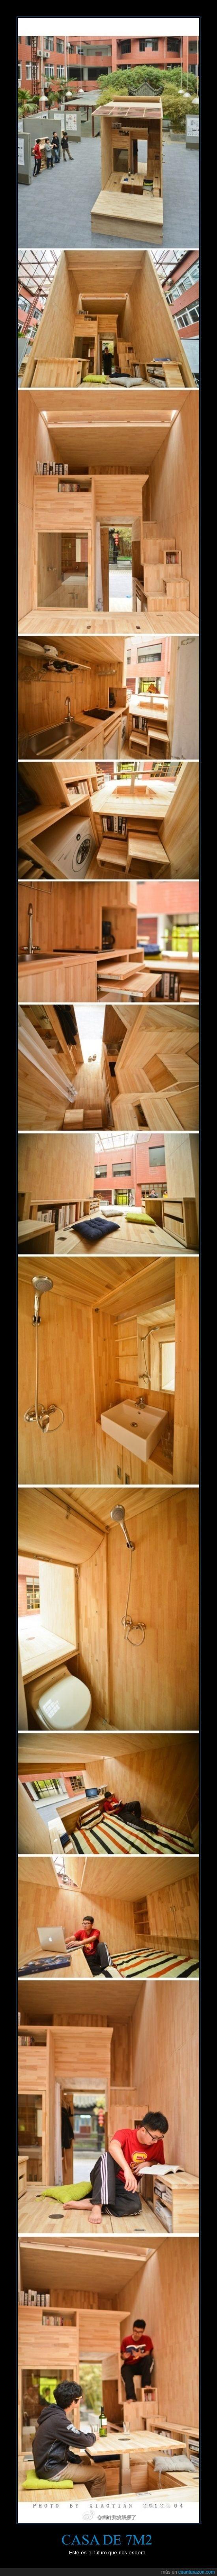 7m2,arquitecto,casa,madera,metros cuadrados,pequeña